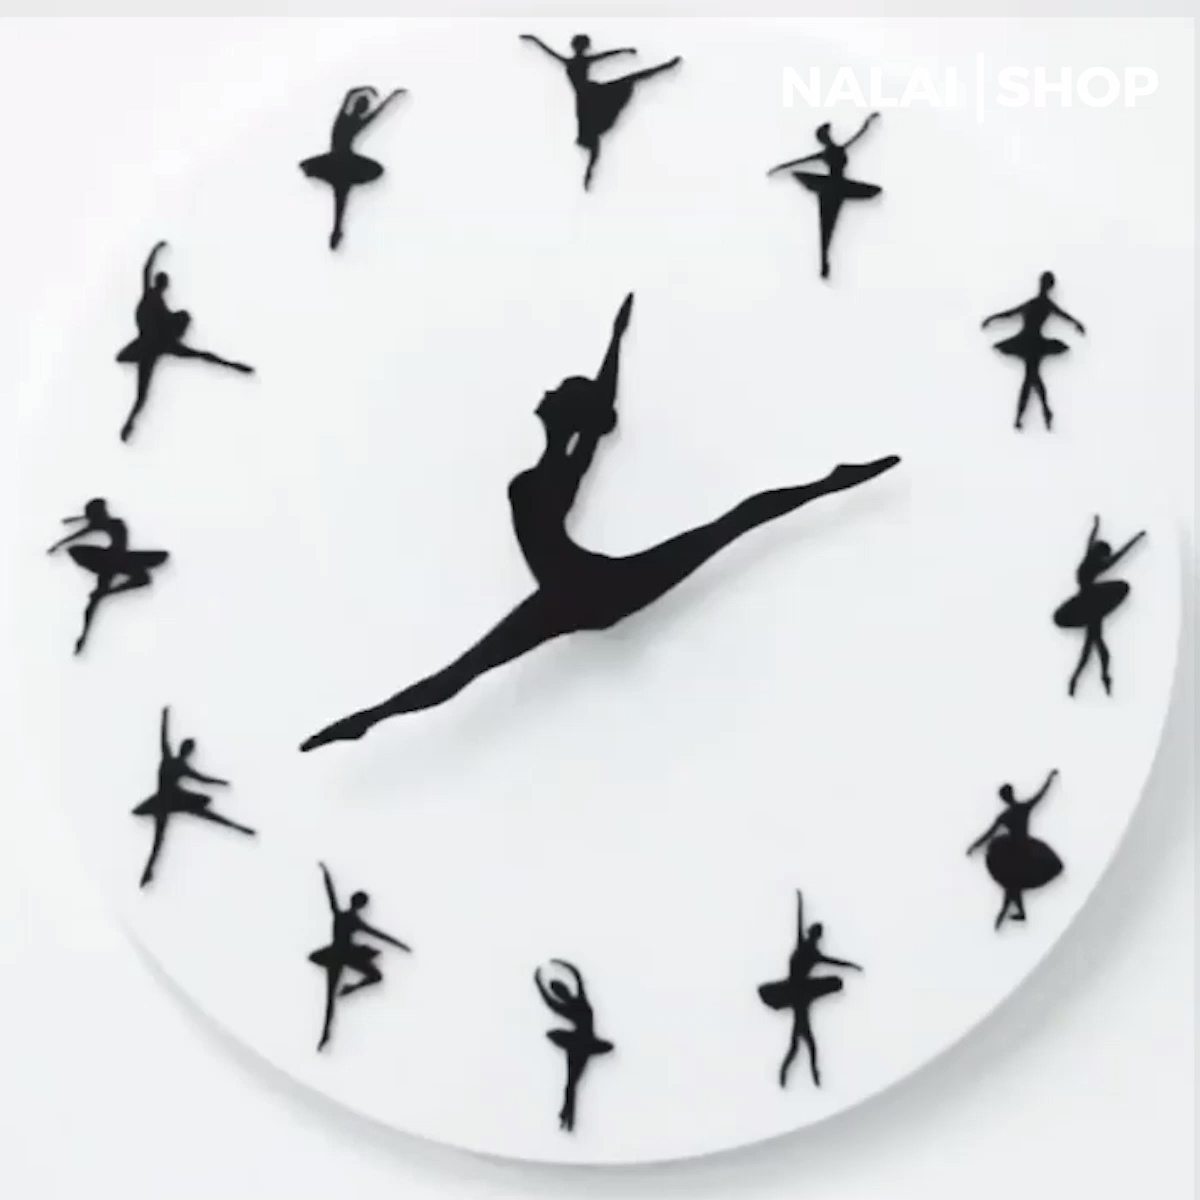 Ballet Clock Danceandmovement This Premium Ballet Clock Always Has Time For Dancing The Ballerina S Legs Represent The Clock S Hands Clock Diy Clock Ballet